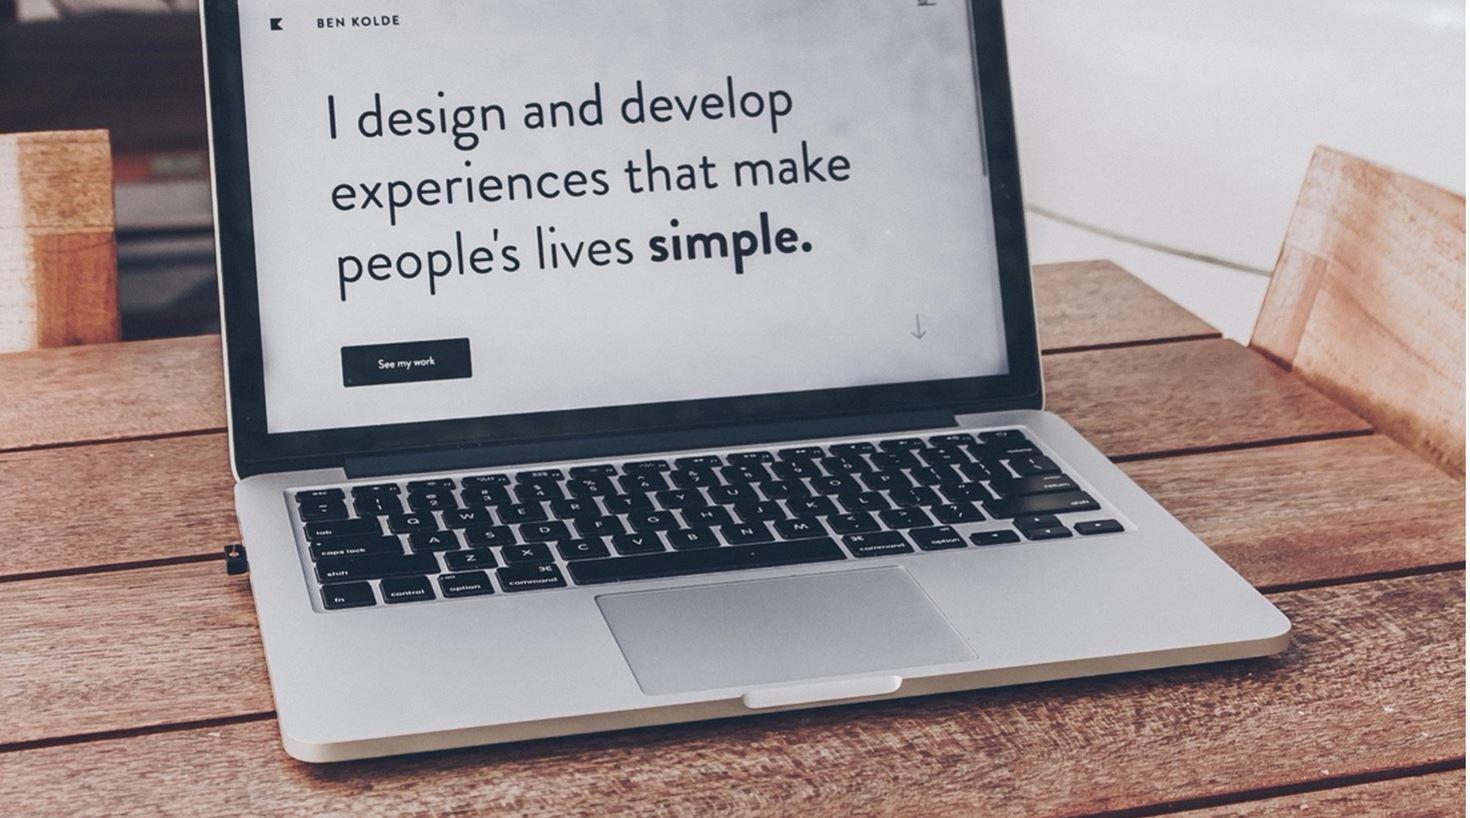 Bilde av en Mac som viser det kjente sitatet fra Ben Kolde I design and develop experiences that make people's lives simple. Det er viktig å se på design når vi kartlegger kundereisen i CX-arbeidet.